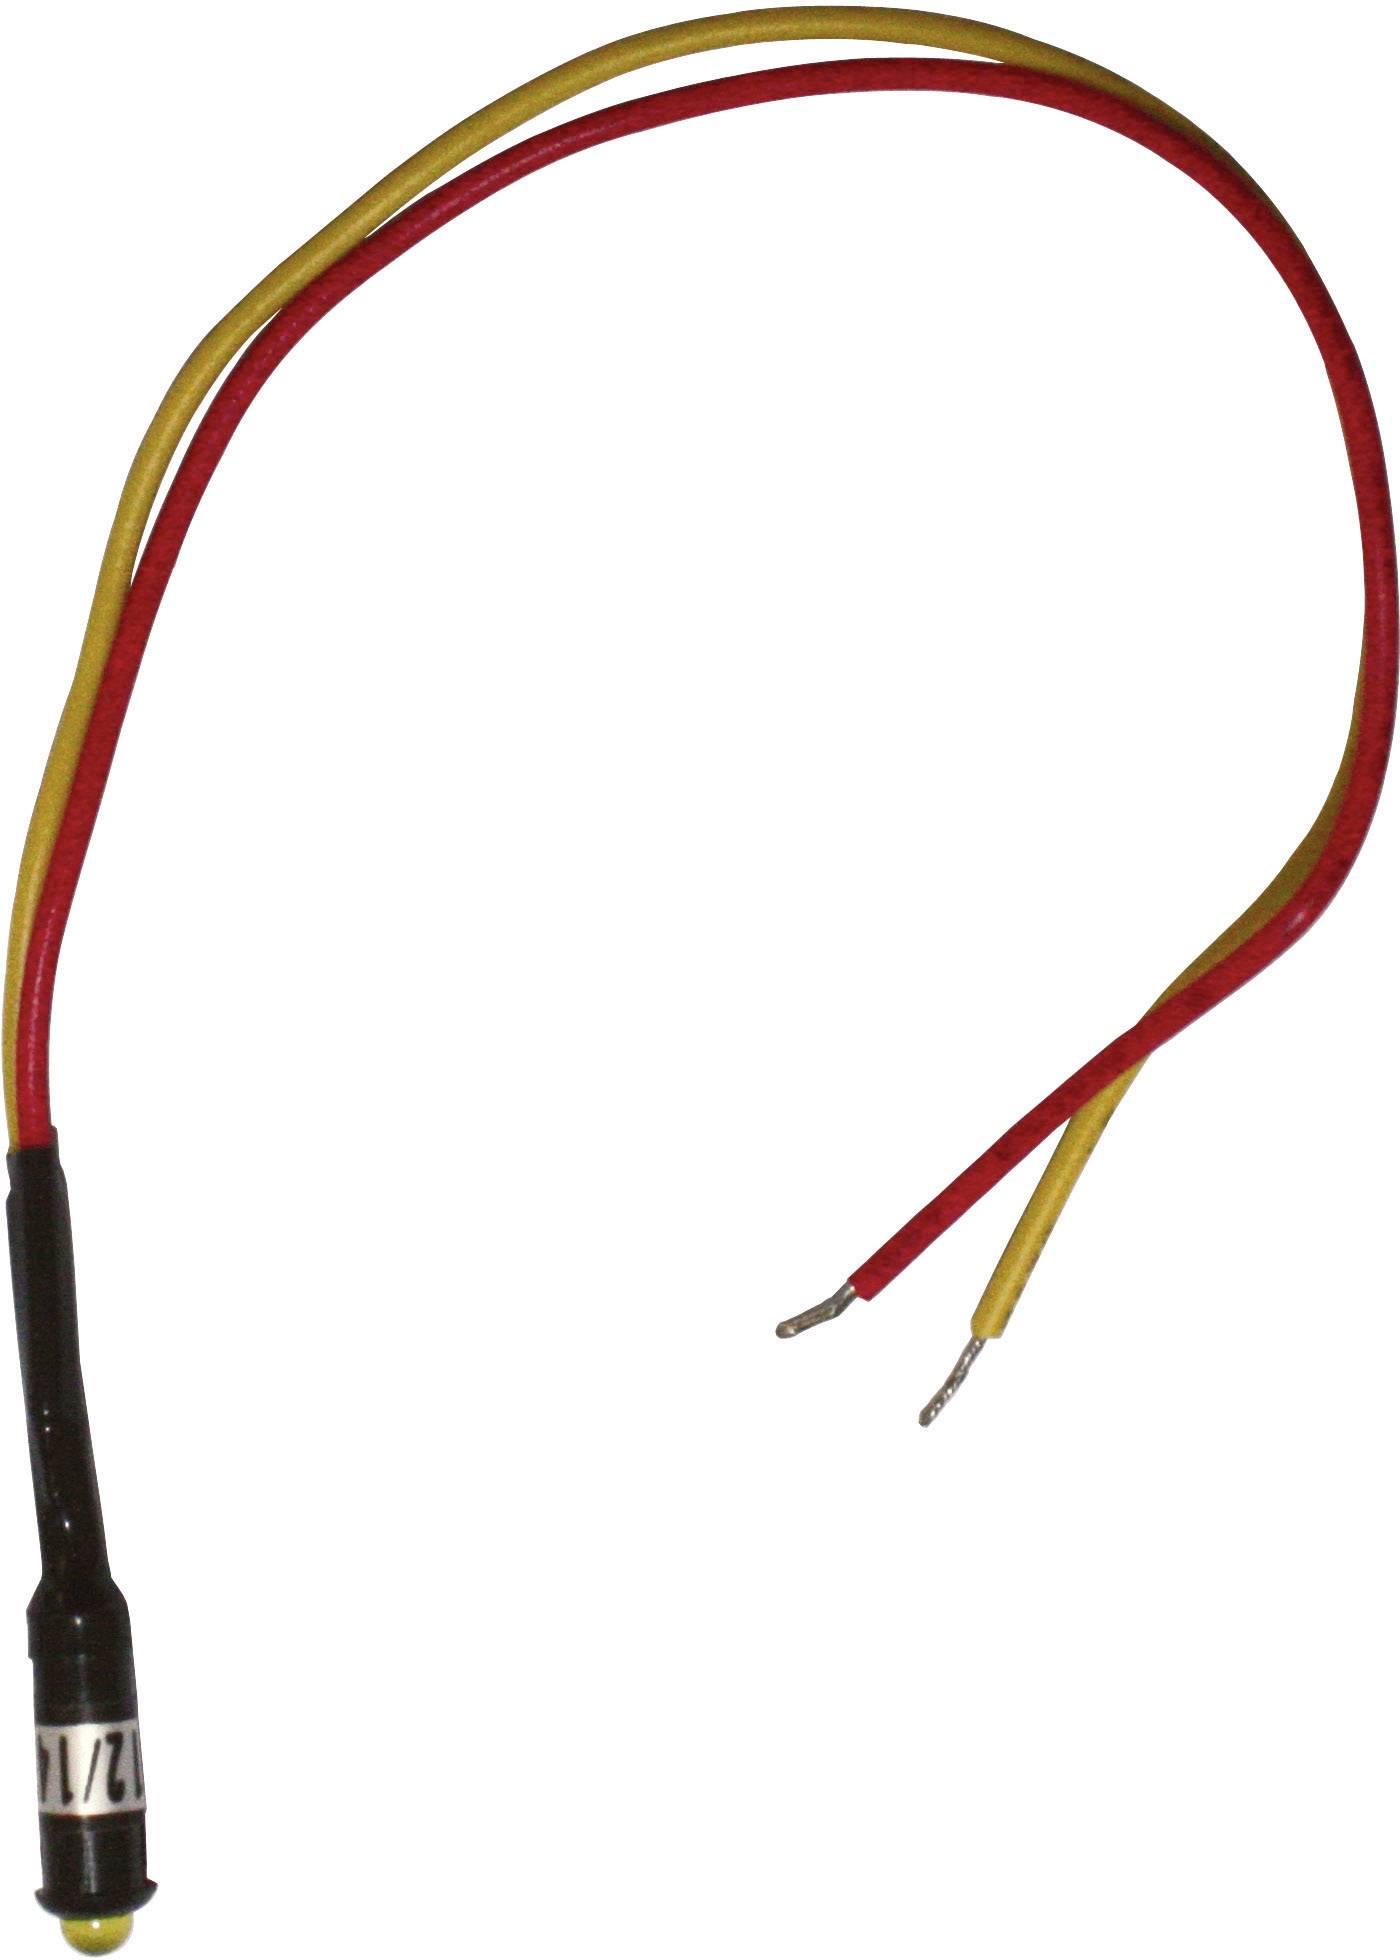 LED signálka Barthelme 52052811, 24 V/DC, červená